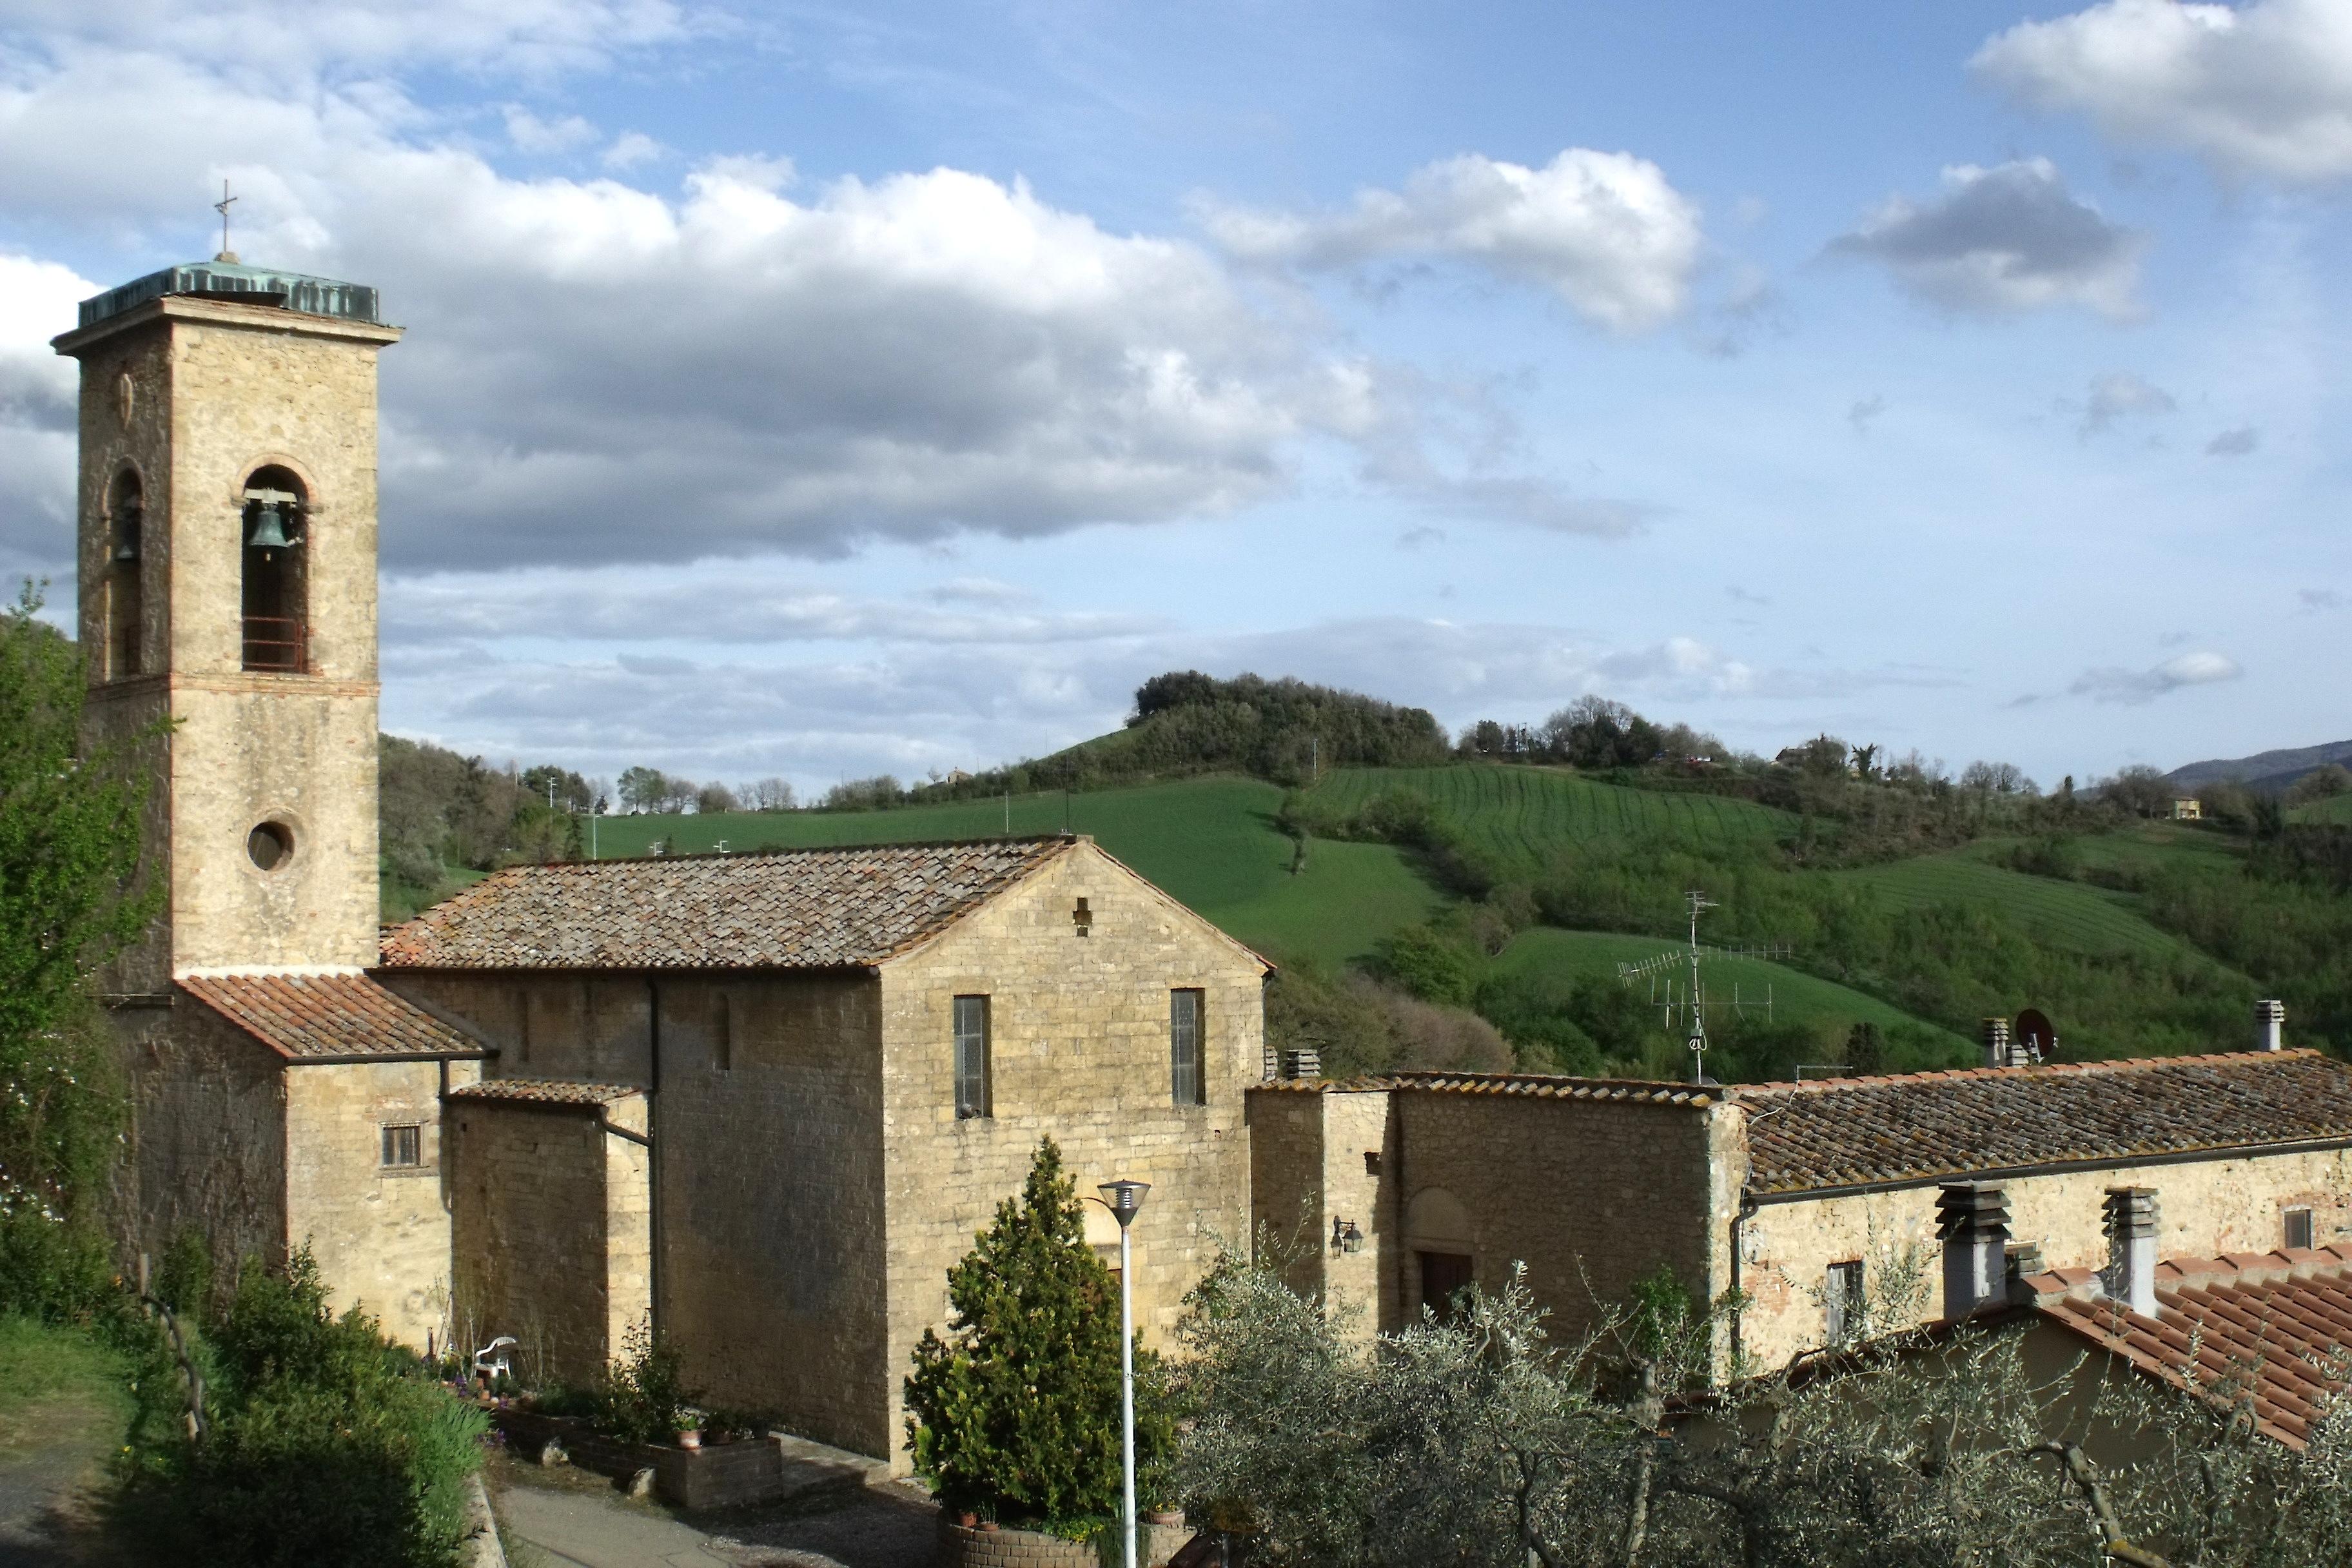 Pomarance, Tuscany